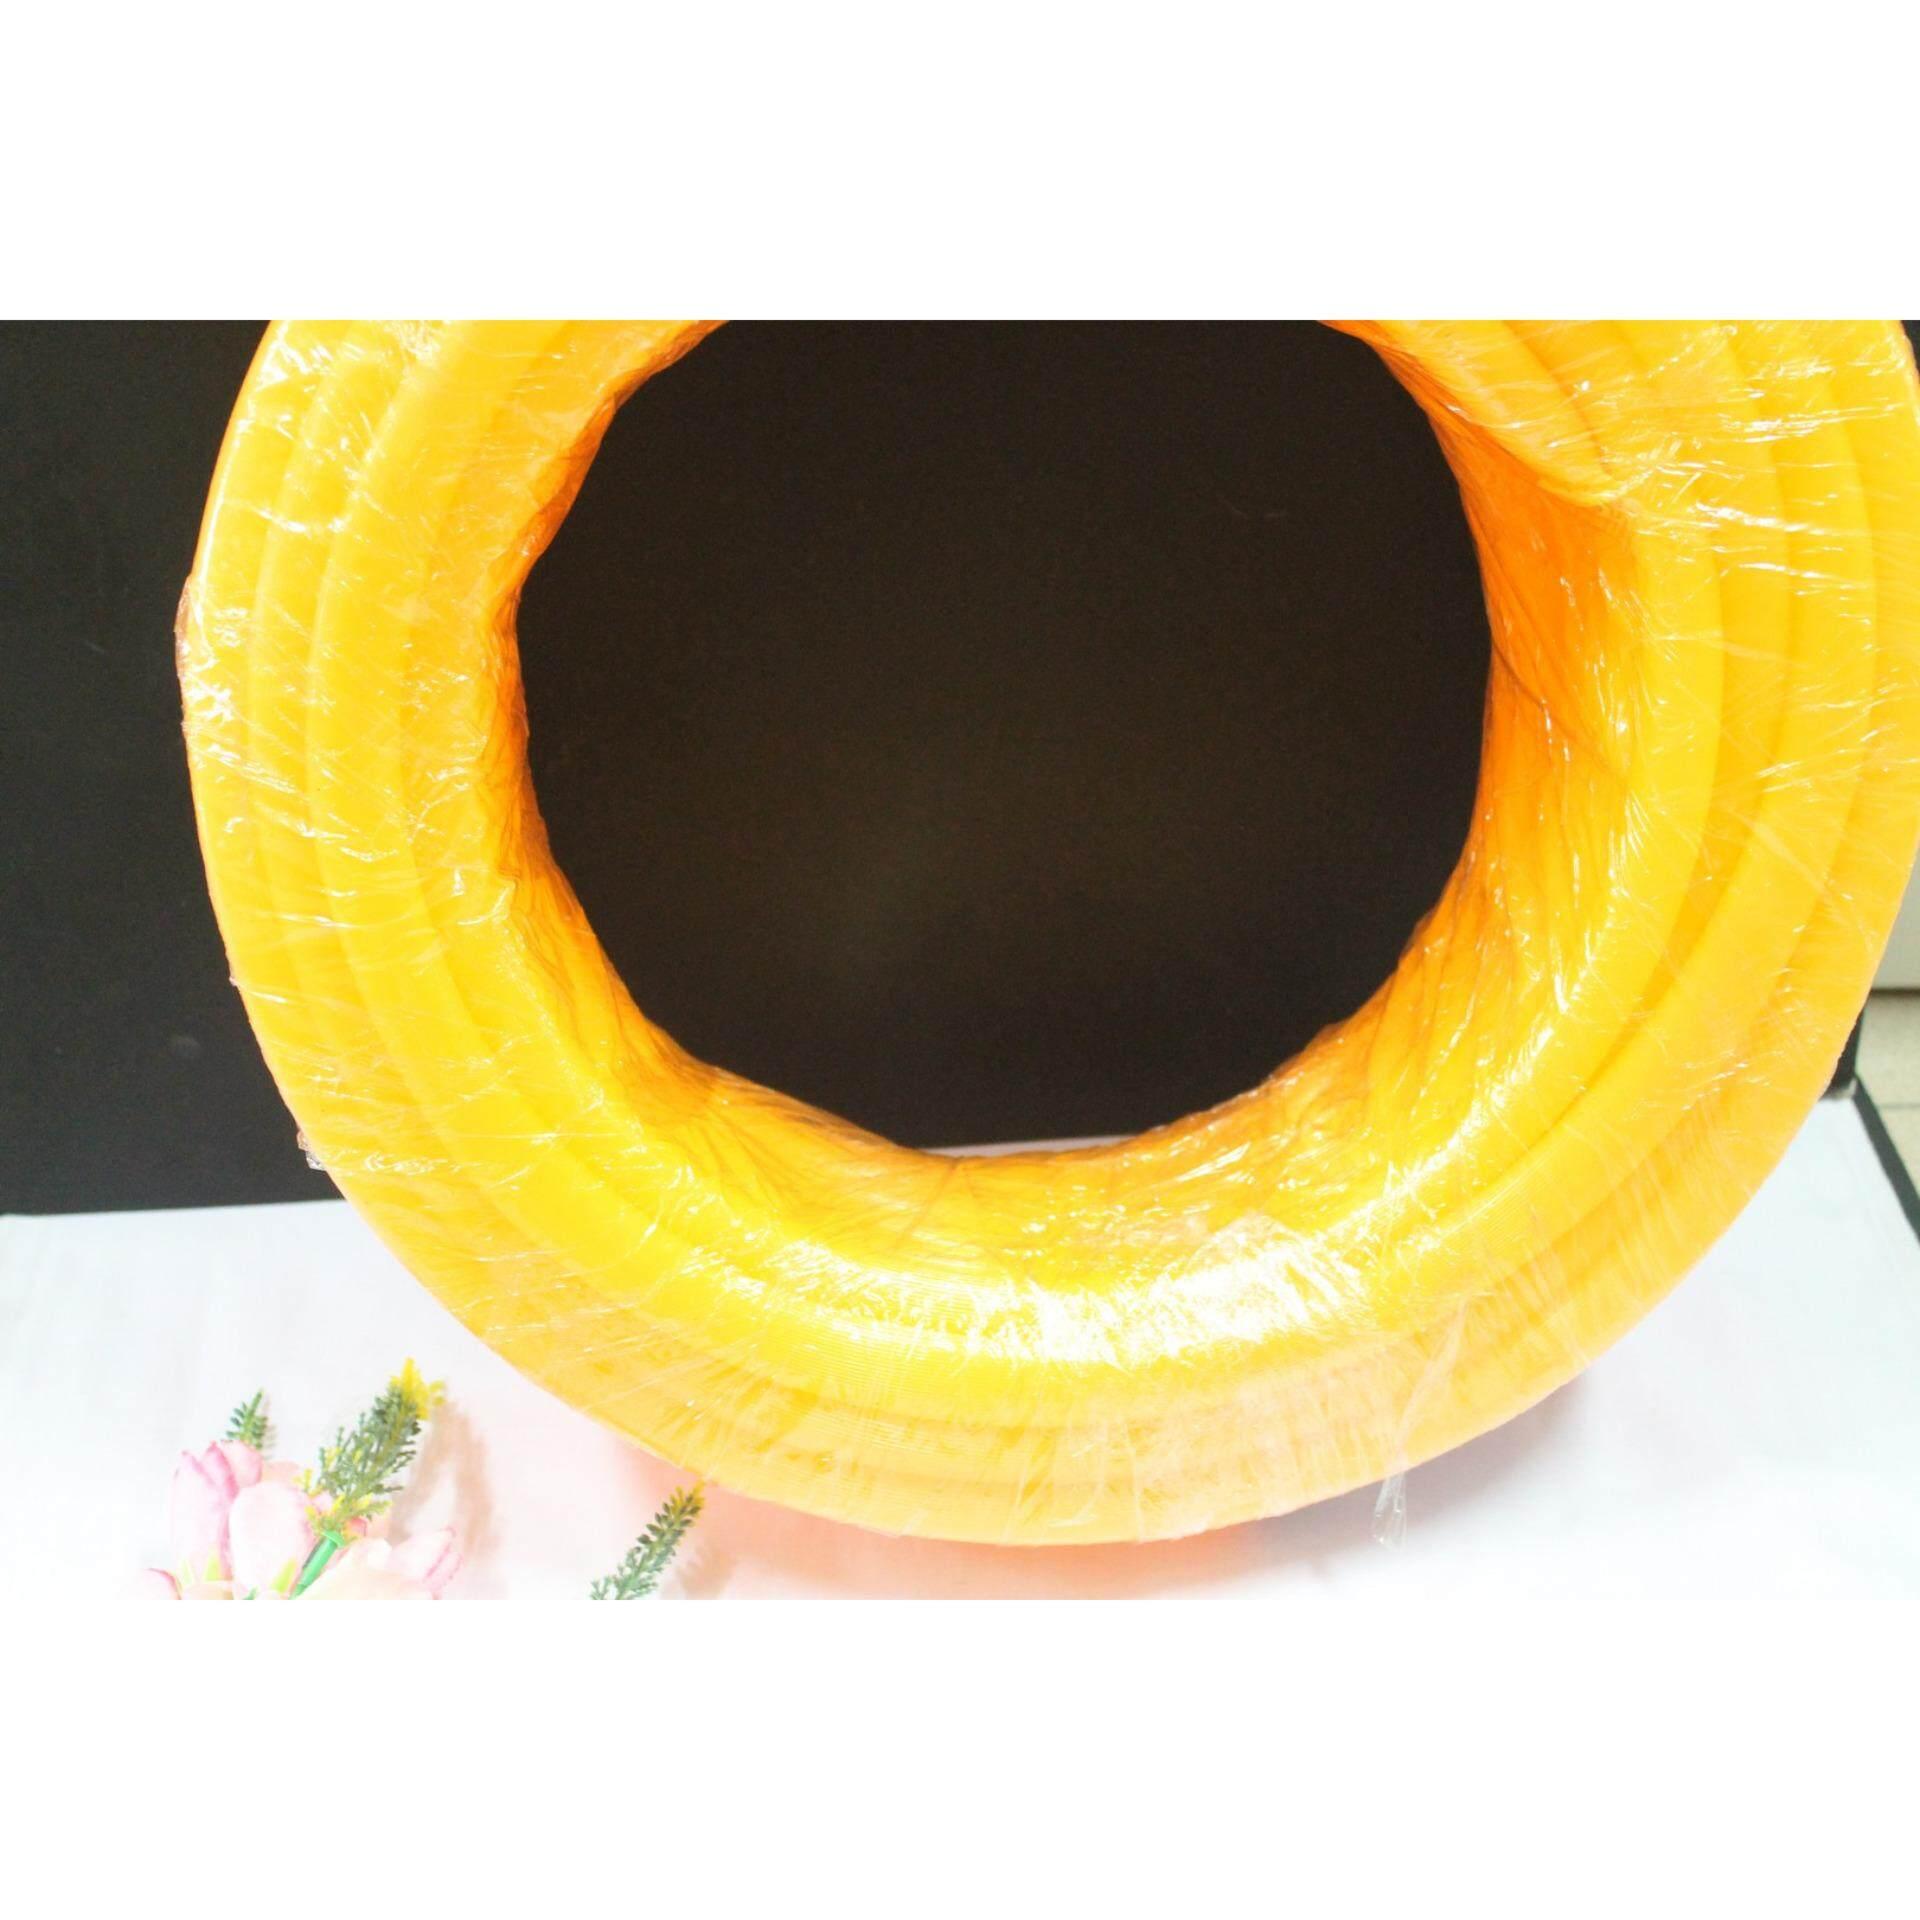 1roll 30 metres Car Wash Orange Water Rubber Pipe 16mm (Orange)